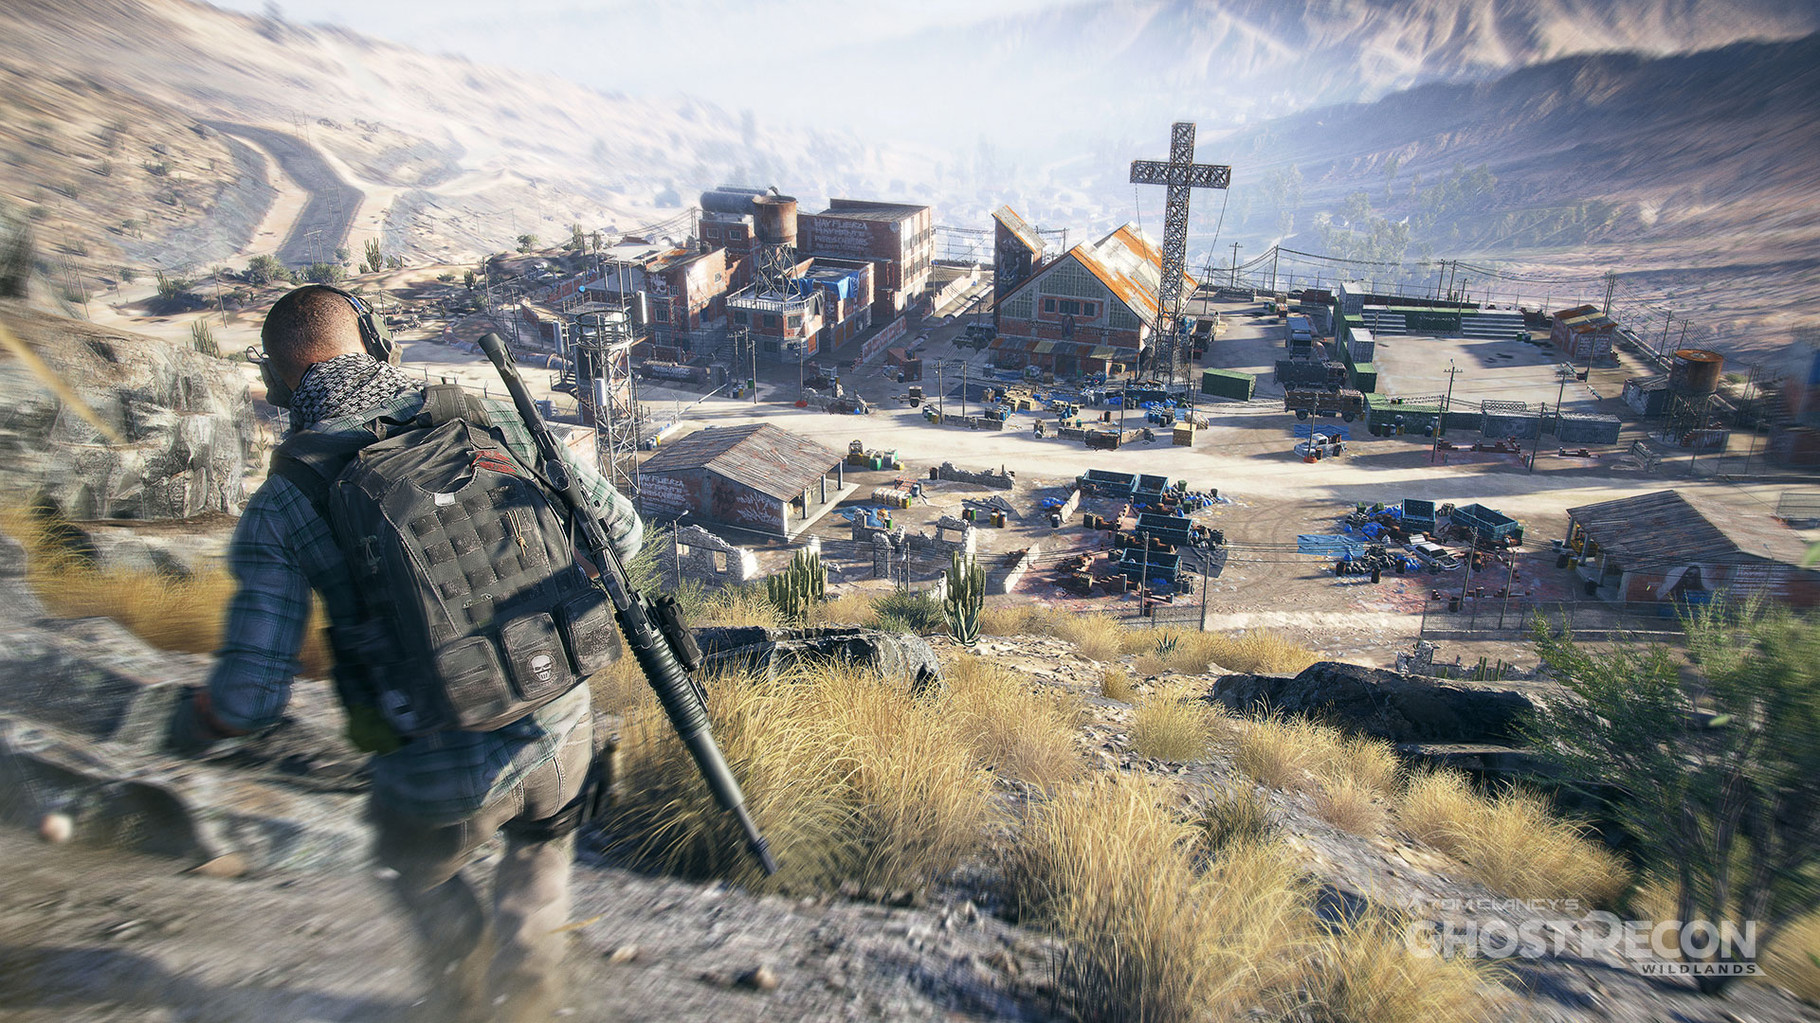 """Tom Clancy's Ghost Recon: Wildlands: Der Render- und Gameplay-Trailer zeigte eine ebenso detaillierte wie riesige Spielwelt, in der mehrere Spieler im Koop auf Gangster- und Drogenjagd waren, """"Wildlands"""" kann aber auch alleine gespielt werden."""